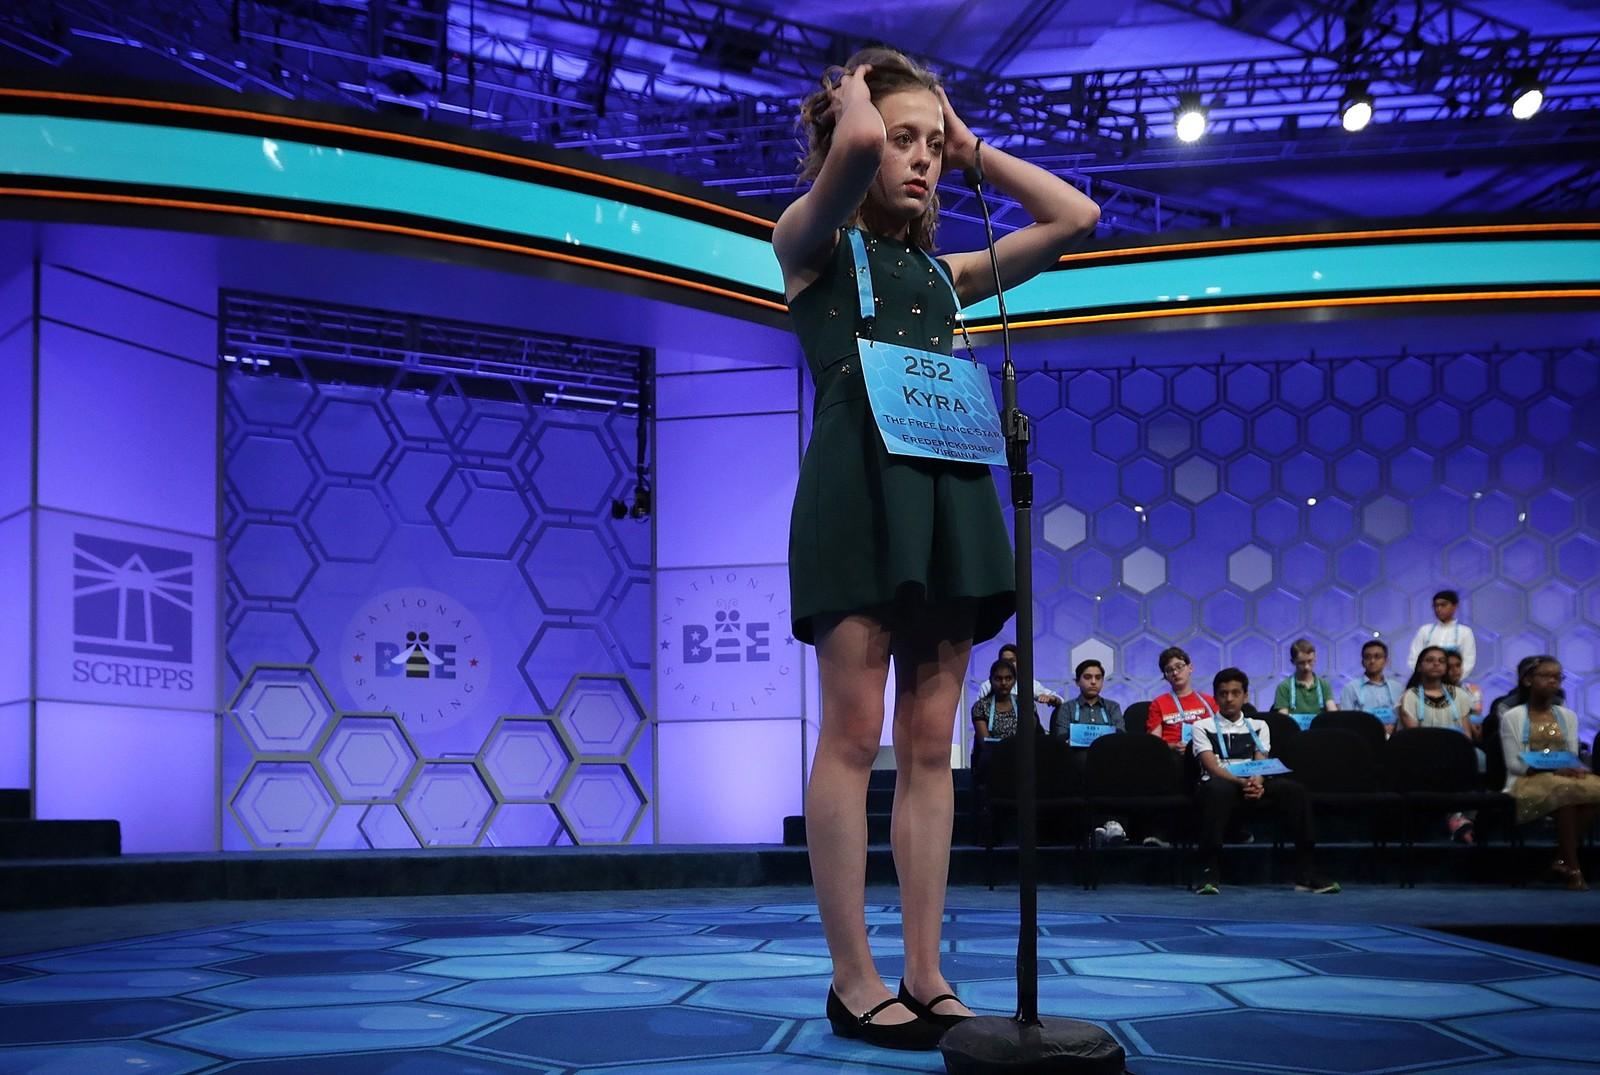 Kyra Holland rev seg i håret da hun fikk ordet liripipe under stavekonkurransen National Spelling Bee. Ordet betyr noe slikt som et middelaldersk tøystykke, og satte en bråstopp for Hollands ønske om å vinne konkurransen.